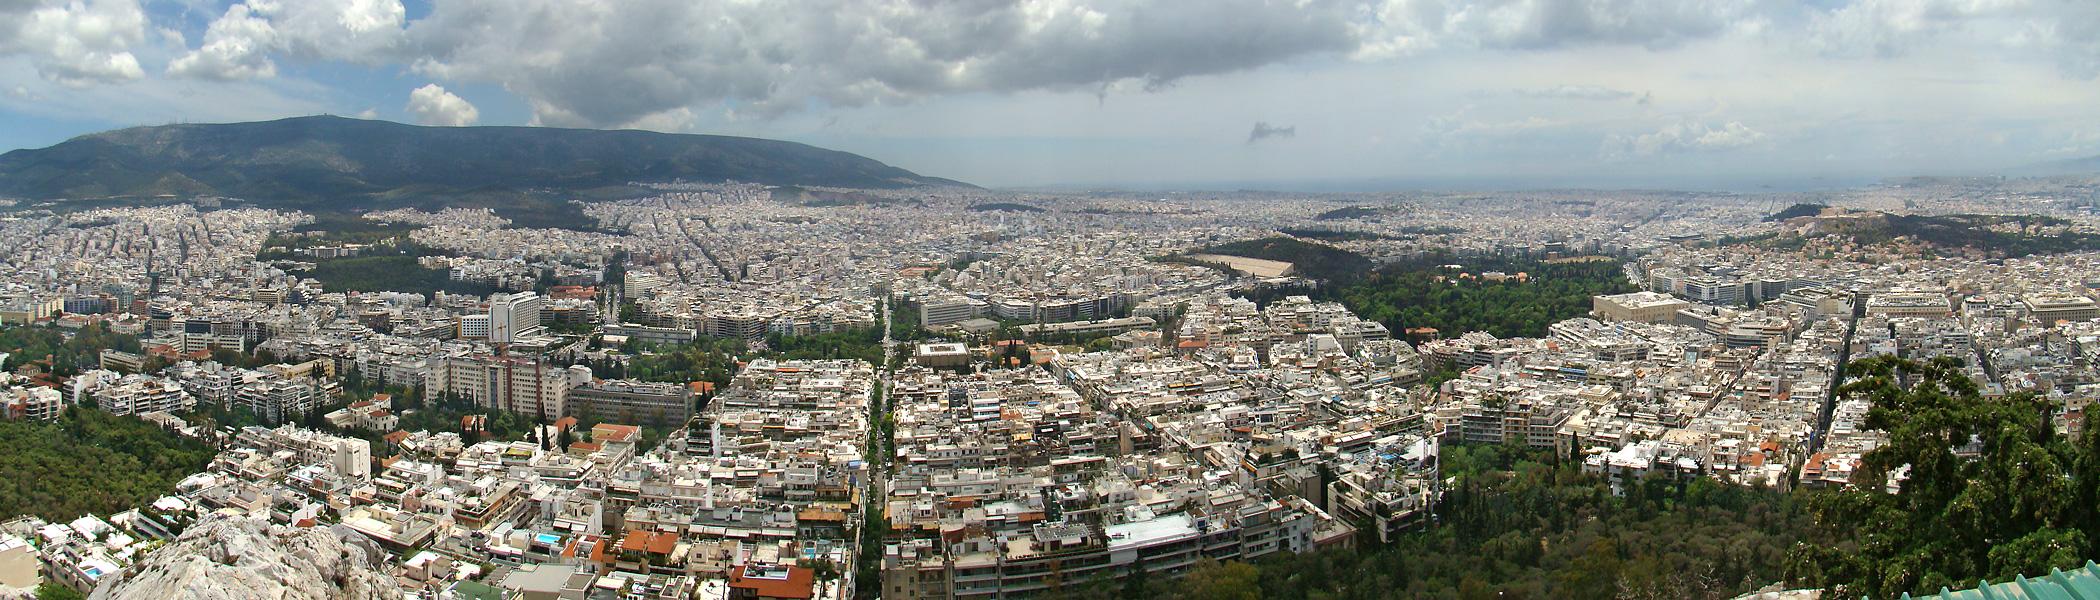 Athens4_tango7174